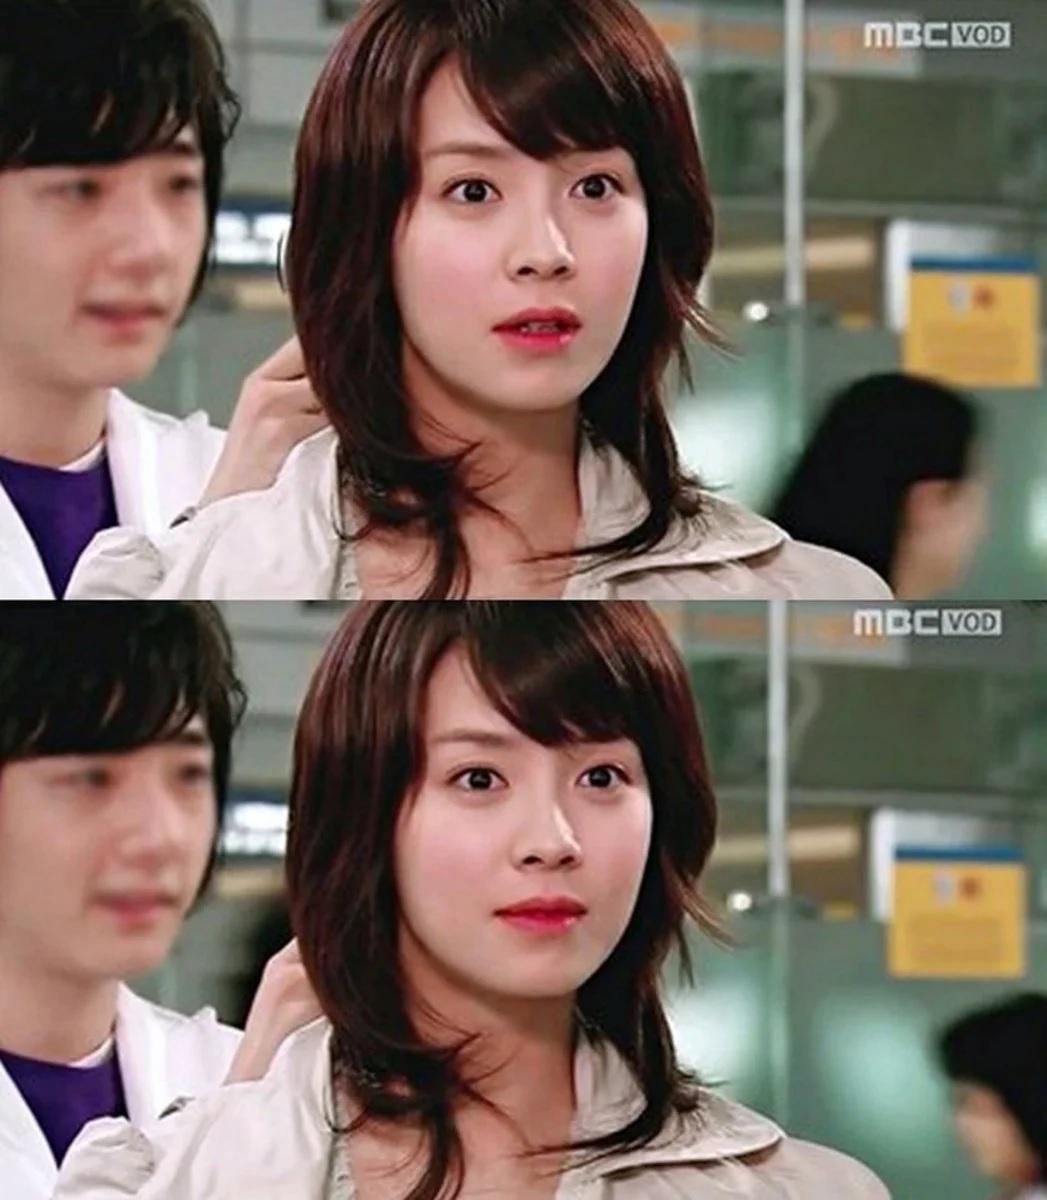 Đã 39 tuổi nhưng làn da của Song Ji Hyo vẫn láng mượt như thời 20 nhờ 5 bí kíp sau - Ảnh 2.